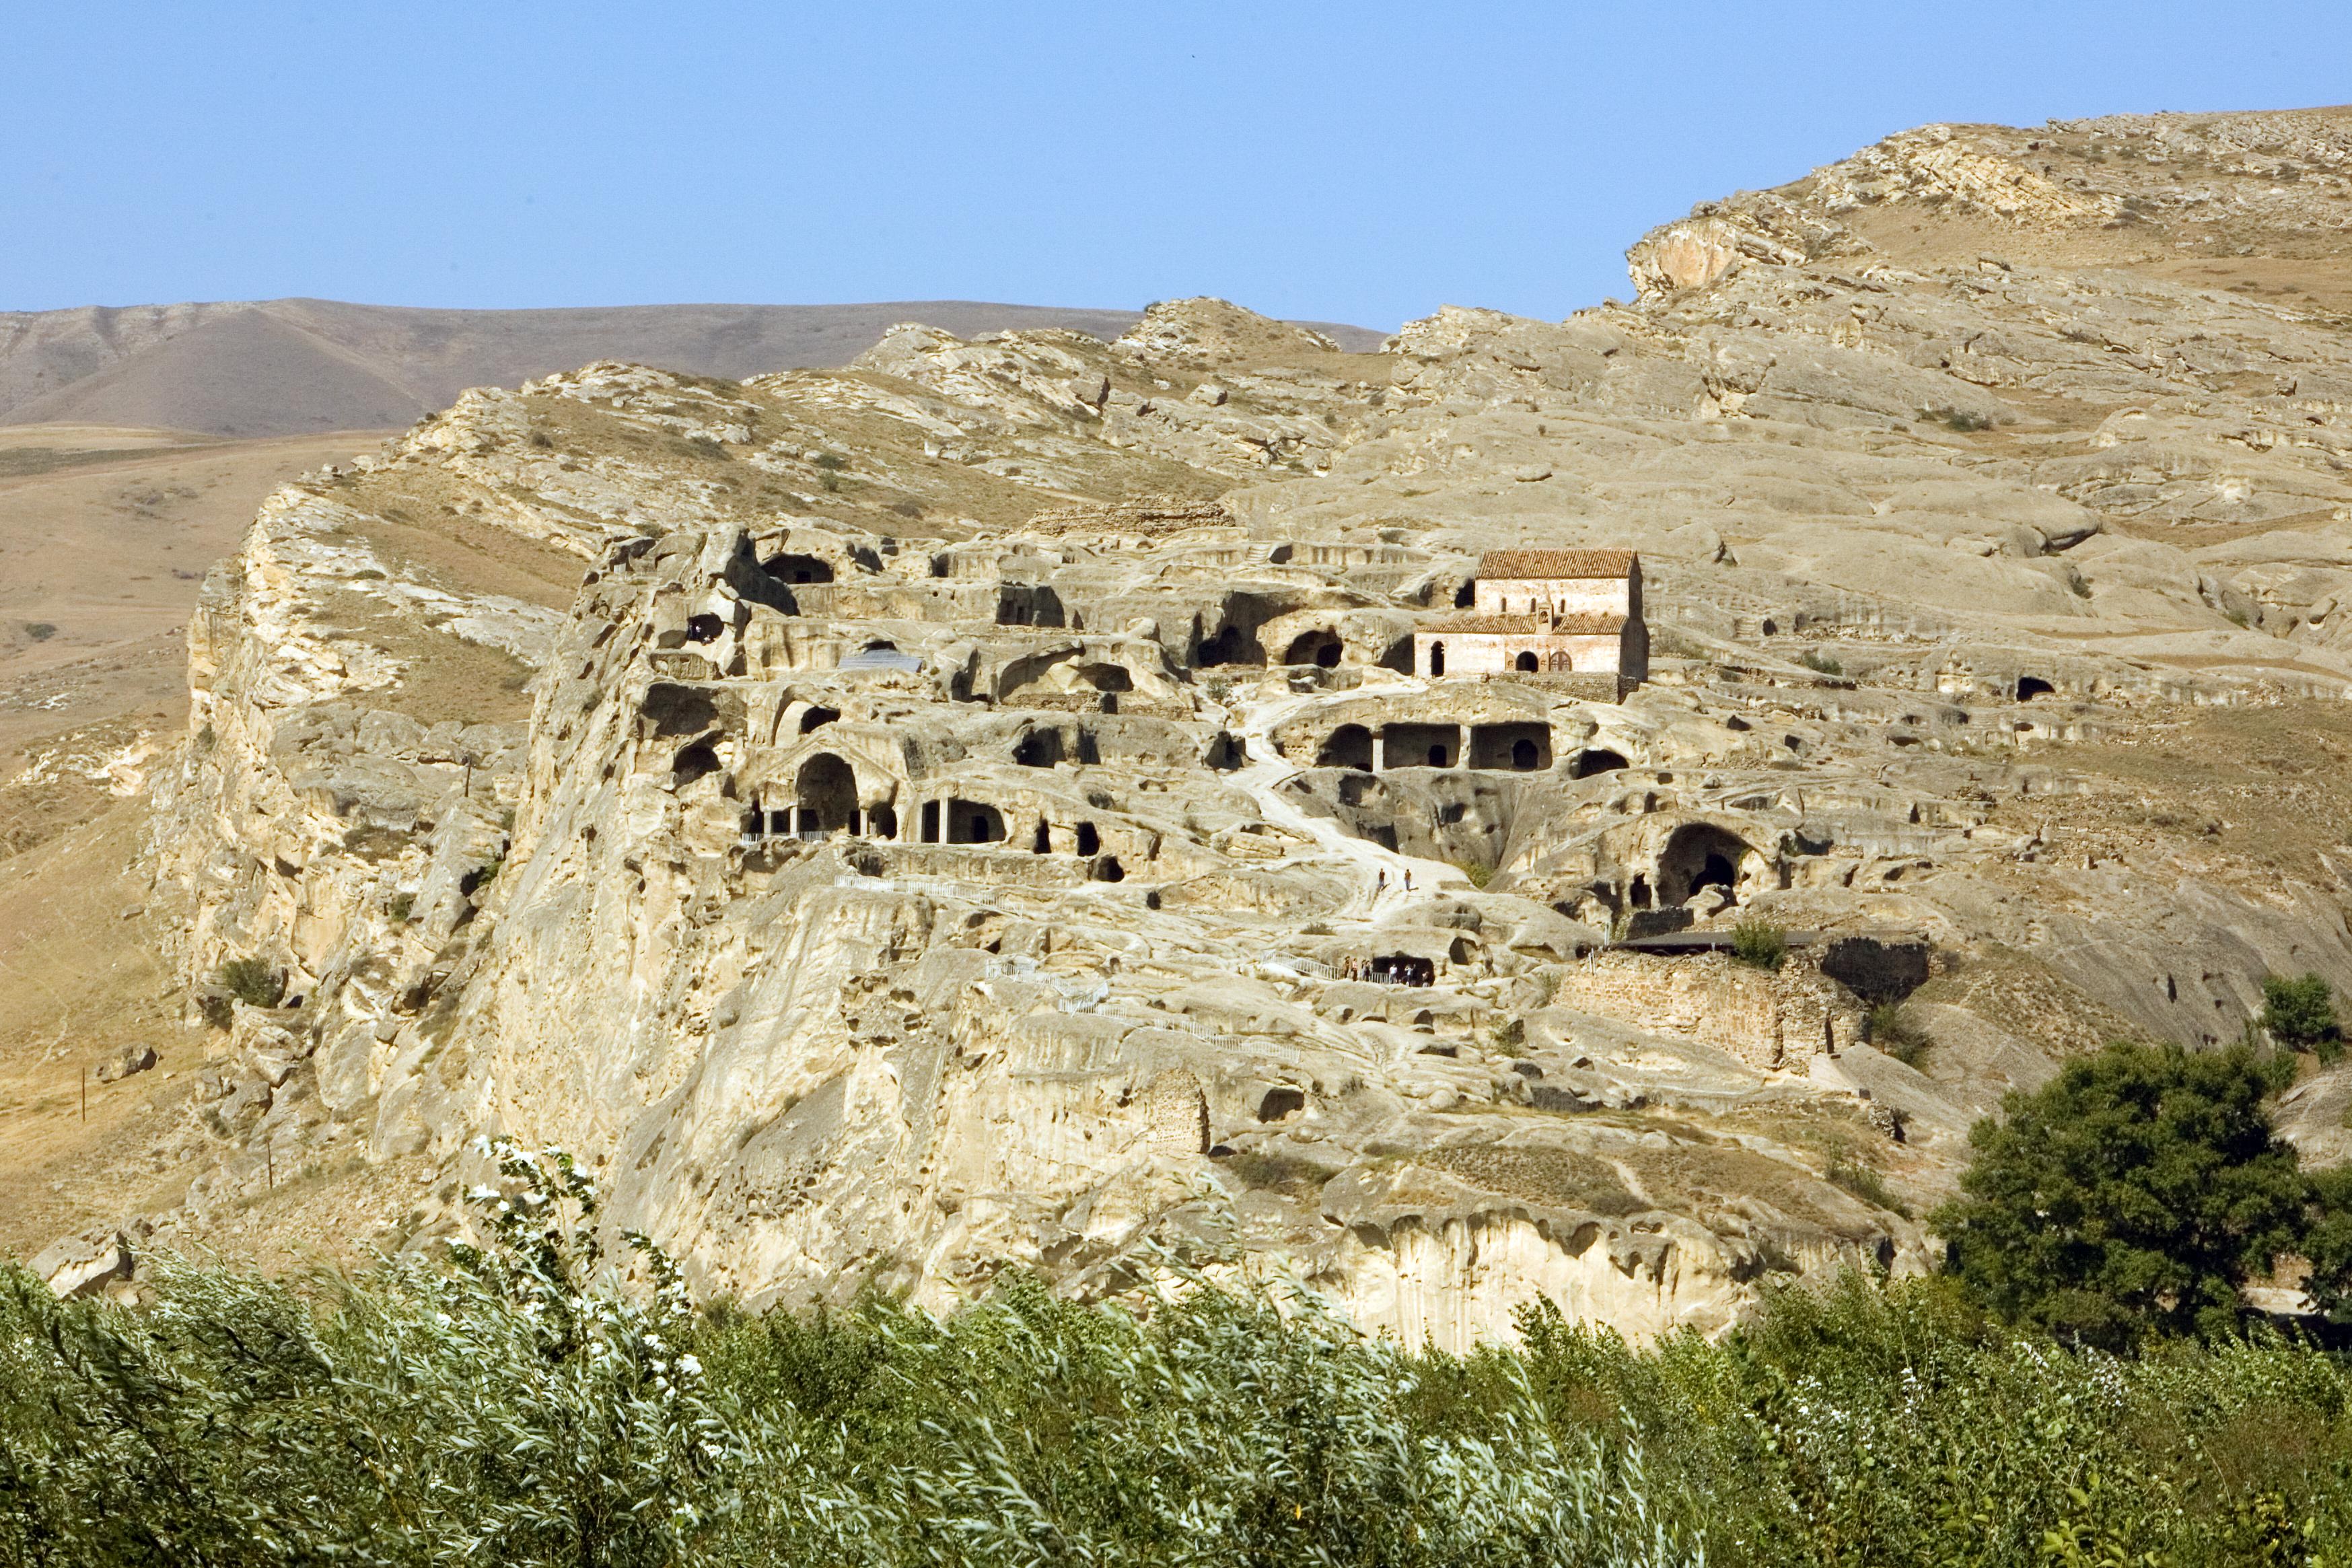 Uplistsikhe - Hauptstadt der Skythen im kaukasischen Iberia